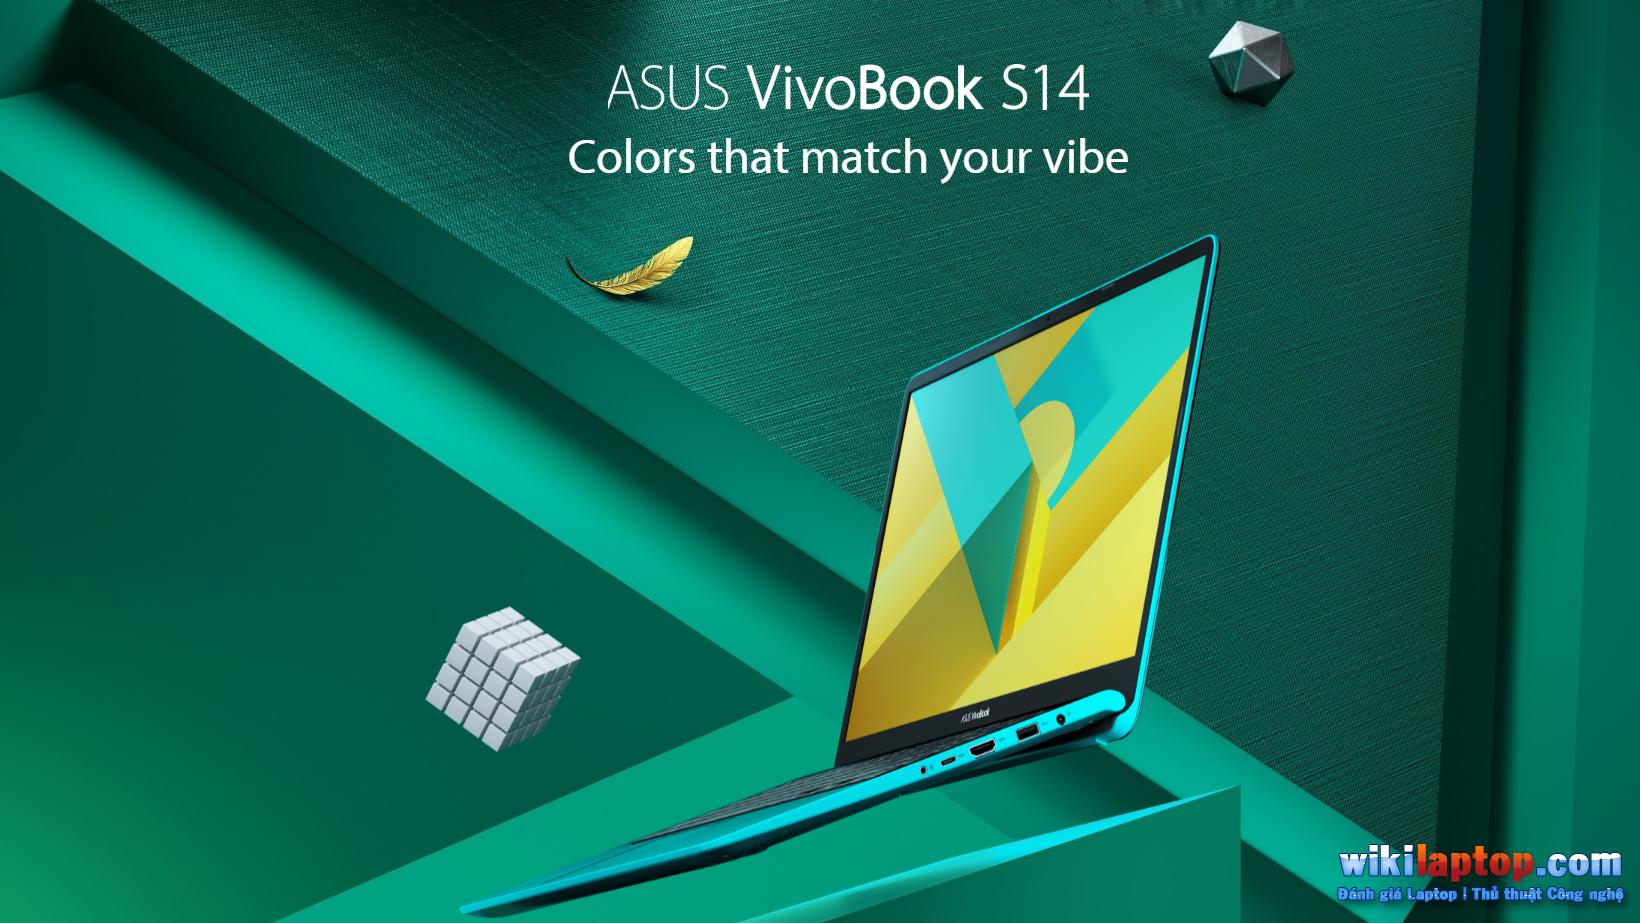 Sforum - Trang thông tin công nghệ mới nhất vivobooks14-1 Sẽ thật thiếu sót nếu không chọn chiếc laptop này với mức giá 13 triệu đồng !!!